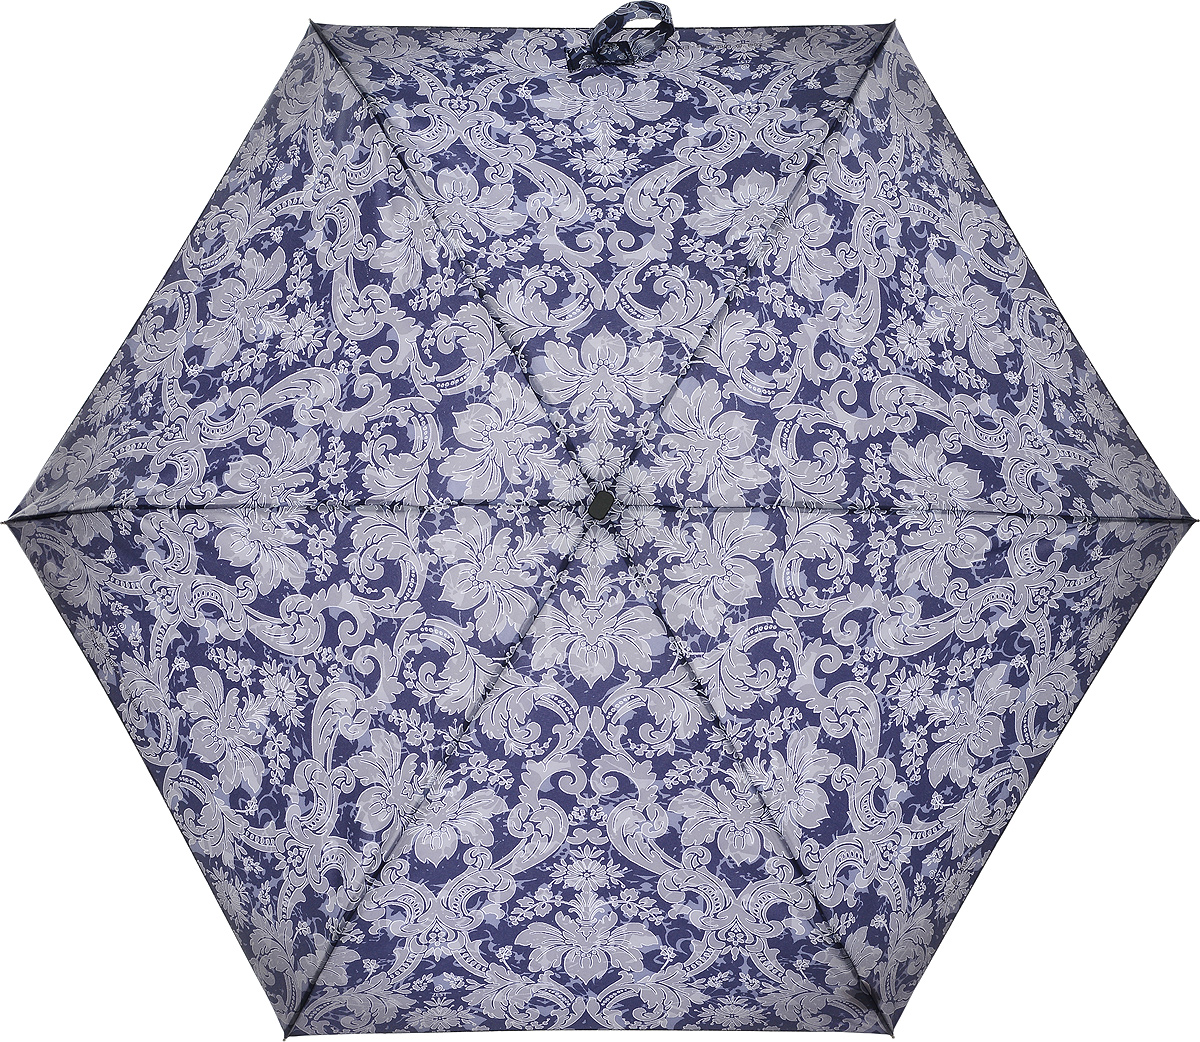 Зонт женский Zest, механический, 5 сложений, цвет: сиреневый, серый. 25516-128045100095/32793/3500NКомпактный женский зонт Zest выполнен из металла, пластика и оформлен ярким принтом.Каркас зонта выполнен из шести спиц на прочном стержне. На концах спиц предусмотрены металлические элементы, которые защитят владельца от травм. Купол зонта изготовлен прочного полиэстера. Закрытый купол застегивается на липучку хлястиком. Практичная рукоятка закругленной формы разработана с учетом требований эргономики и выполнена из пластика.Зонт складывается и раскладывается механическим способом.Такой зонт не только надежно защитит от дождя, но и станет стильным аксессуаром.